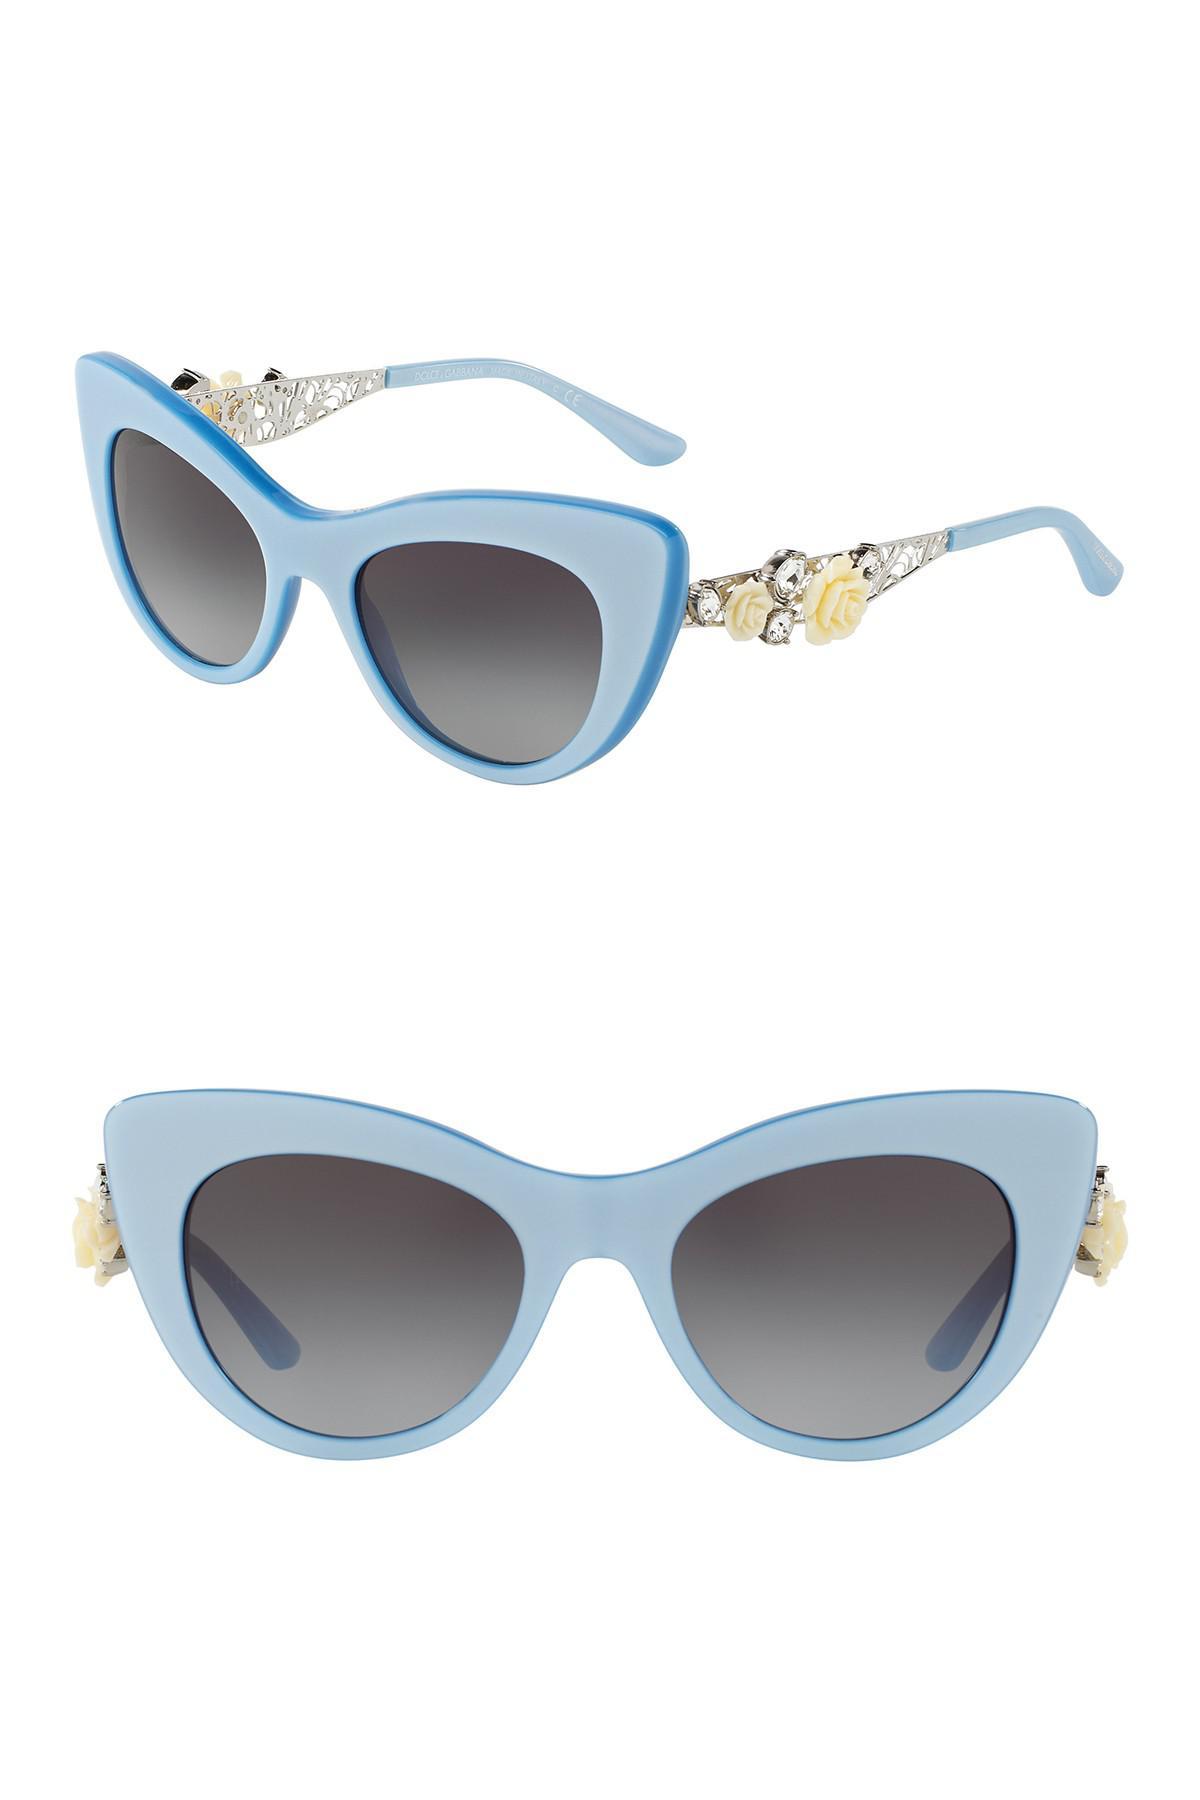 7fe224fc6 Dolce & Gabbana 52mm Flowers Lace Cat Eye Sunglasses in Blue - Lyst